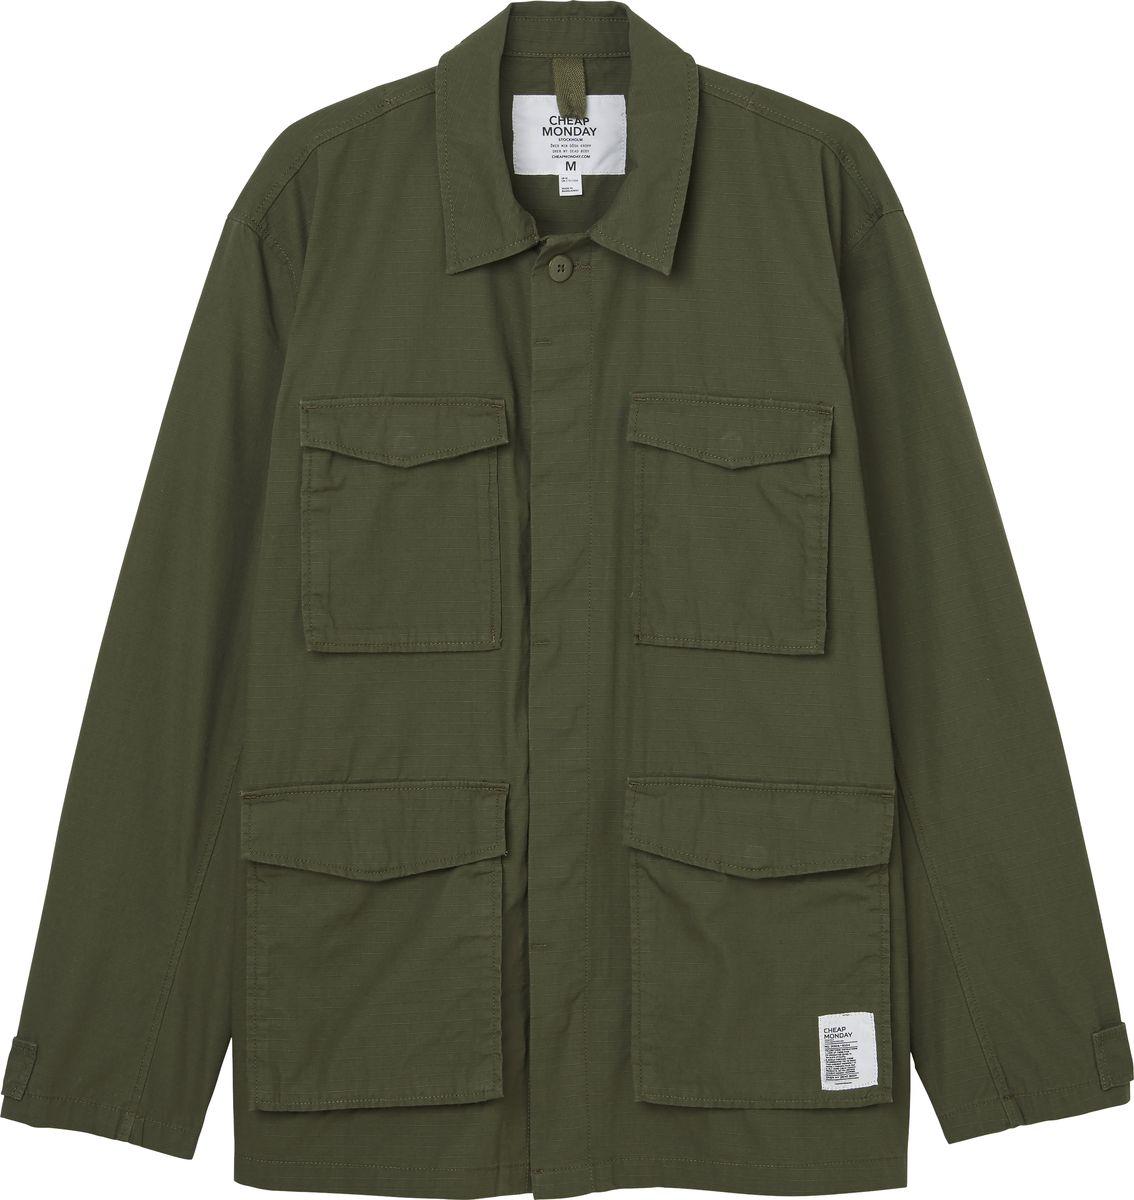 Куртка мужская Cheap Monday, цвет: оливковый. 0506156. Размер XS (44) куртка утепленная cheap monday cheap monday ch839emwwj95